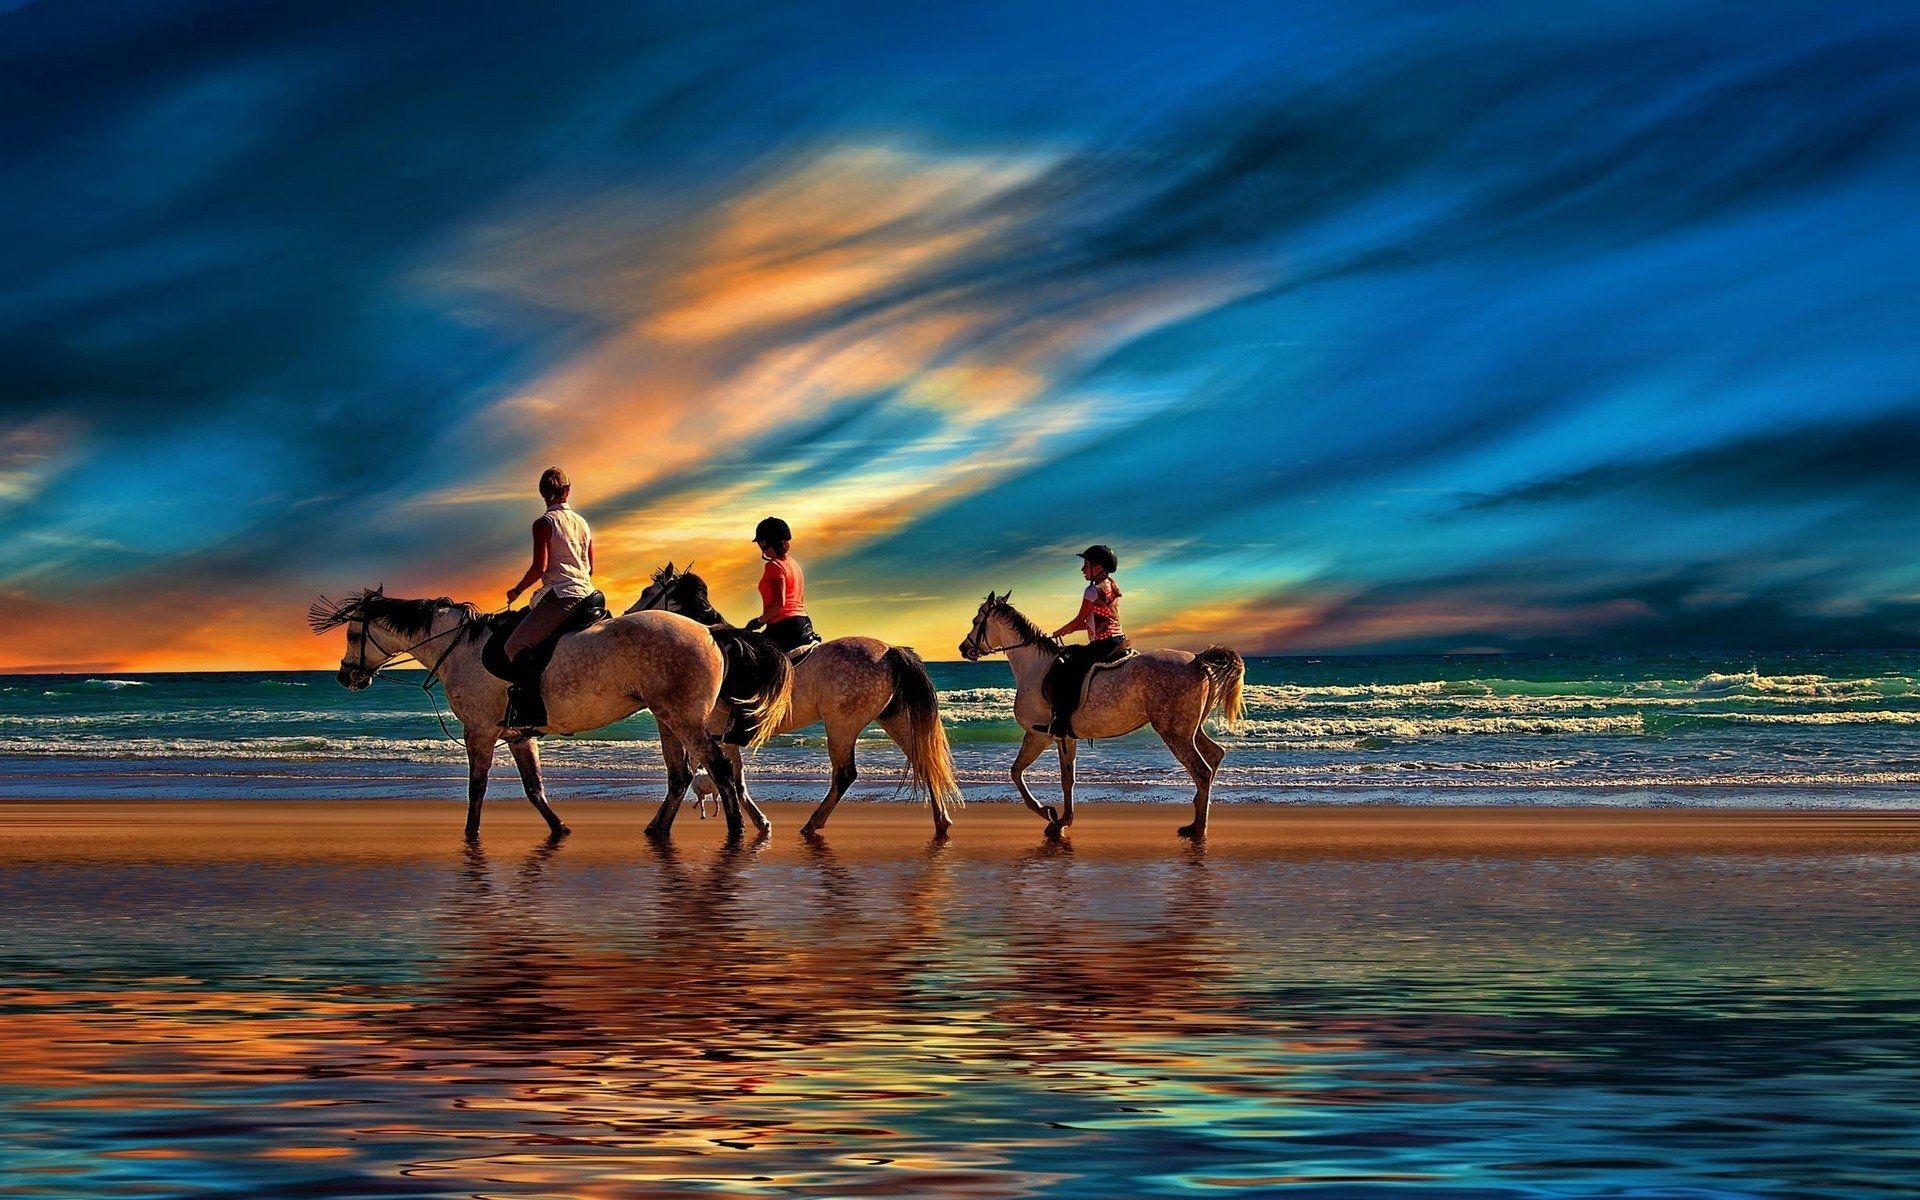 Good Wallpaper Horse Ocean - afd8eefd33cb2e0bcf5616023c7a4b4b  You Should Have_569142.jpg